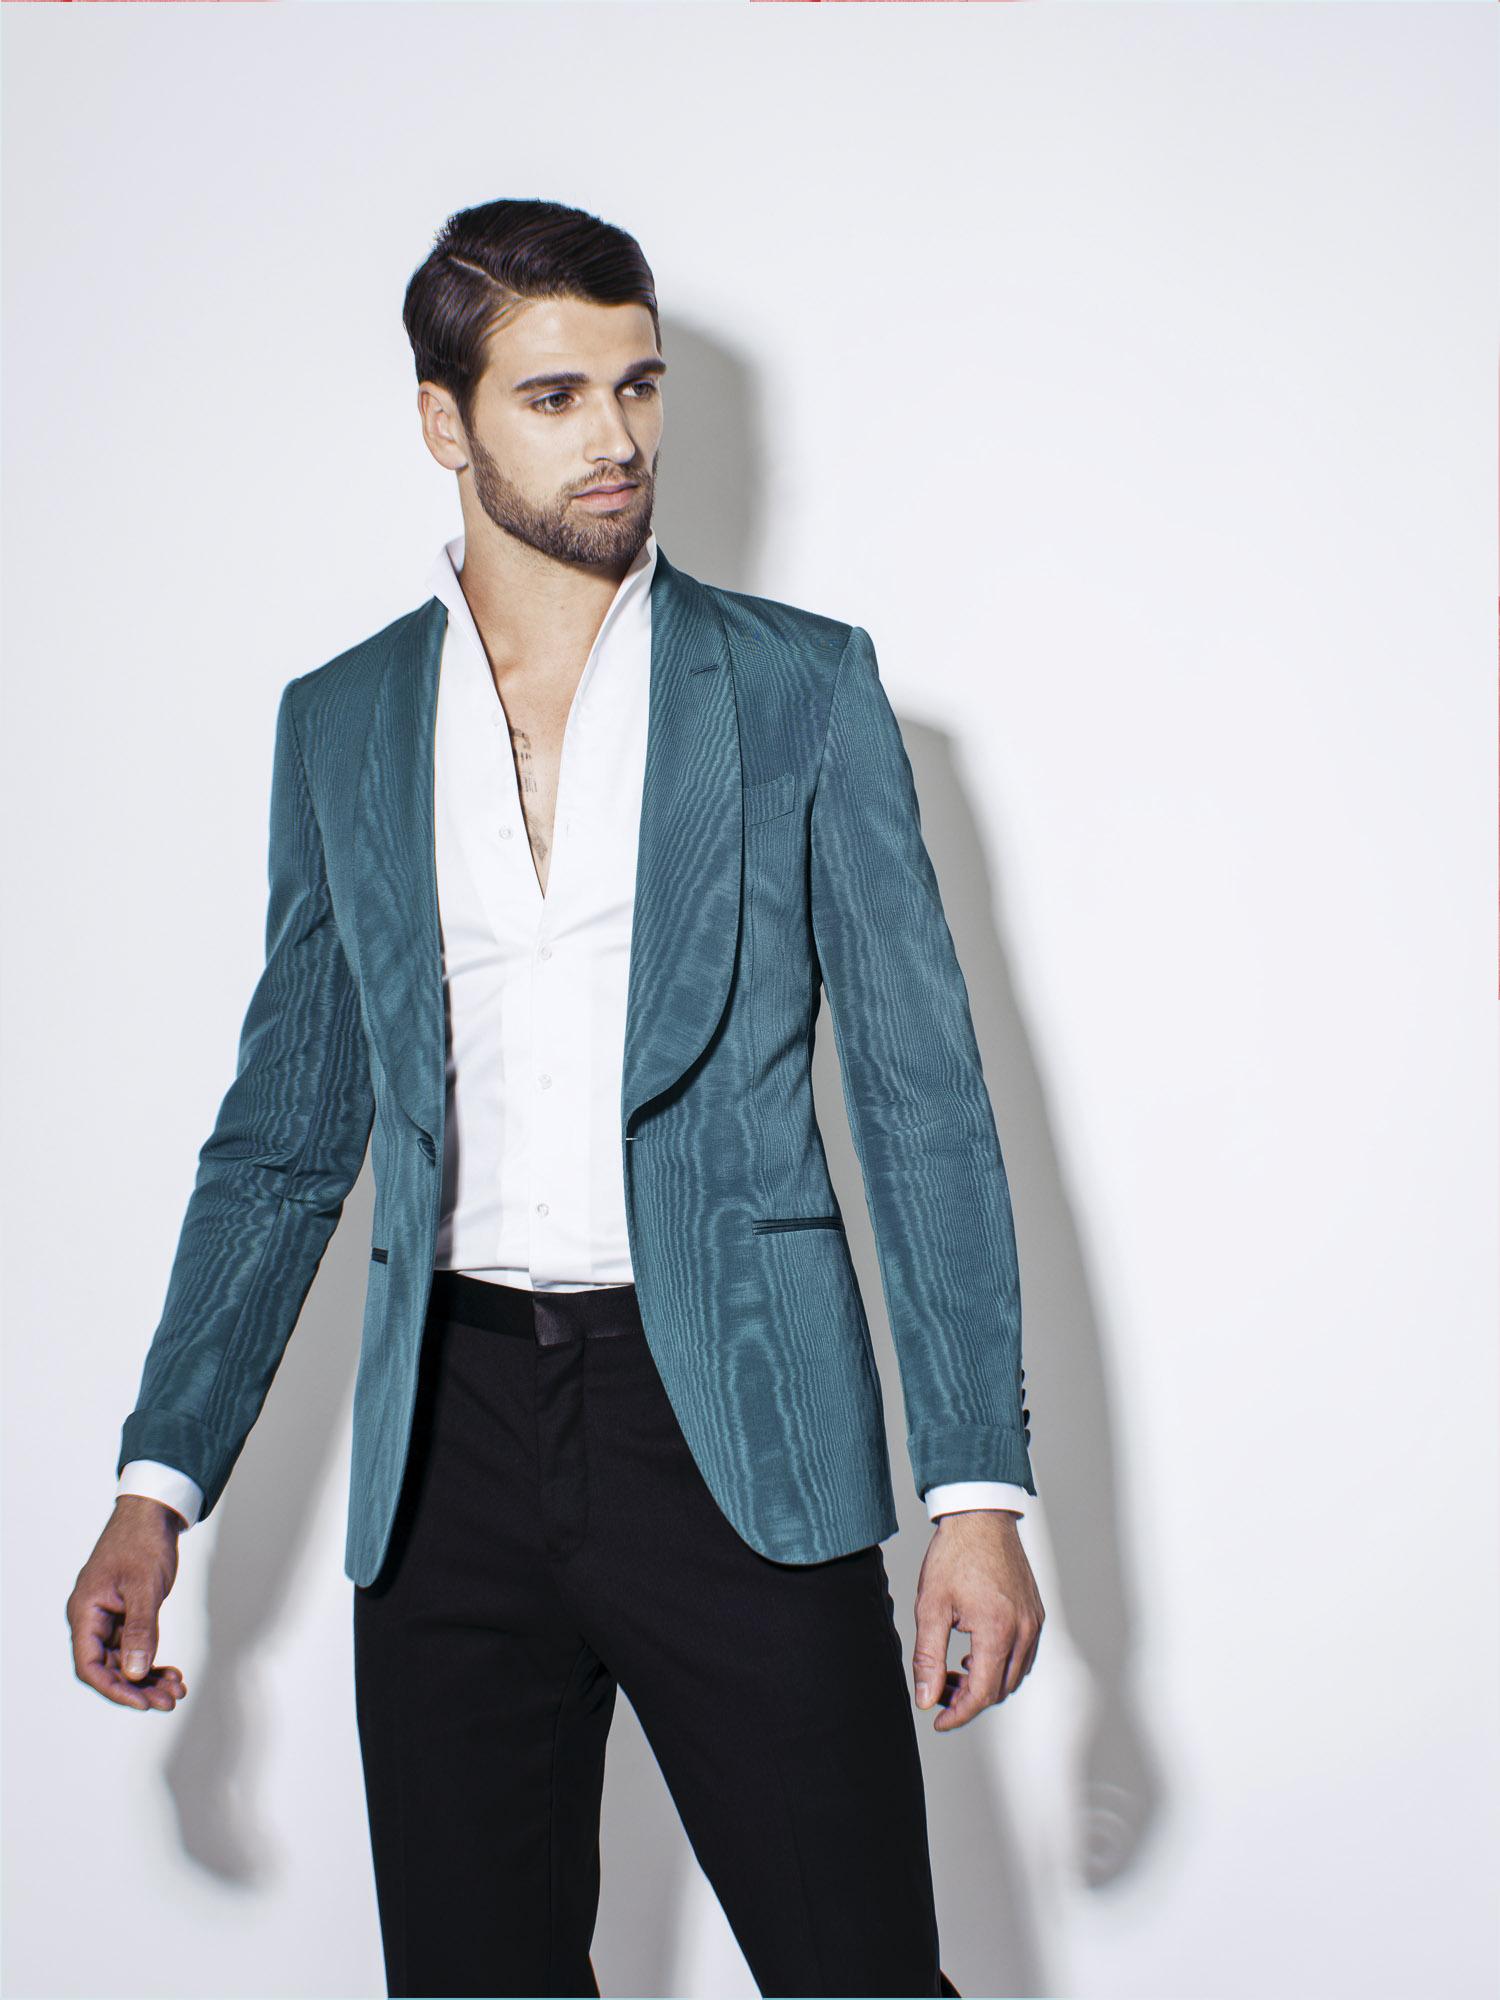 Fashion photography studio singapore services asia photographer photoshoot model jacket deboneire jose jeuland 2